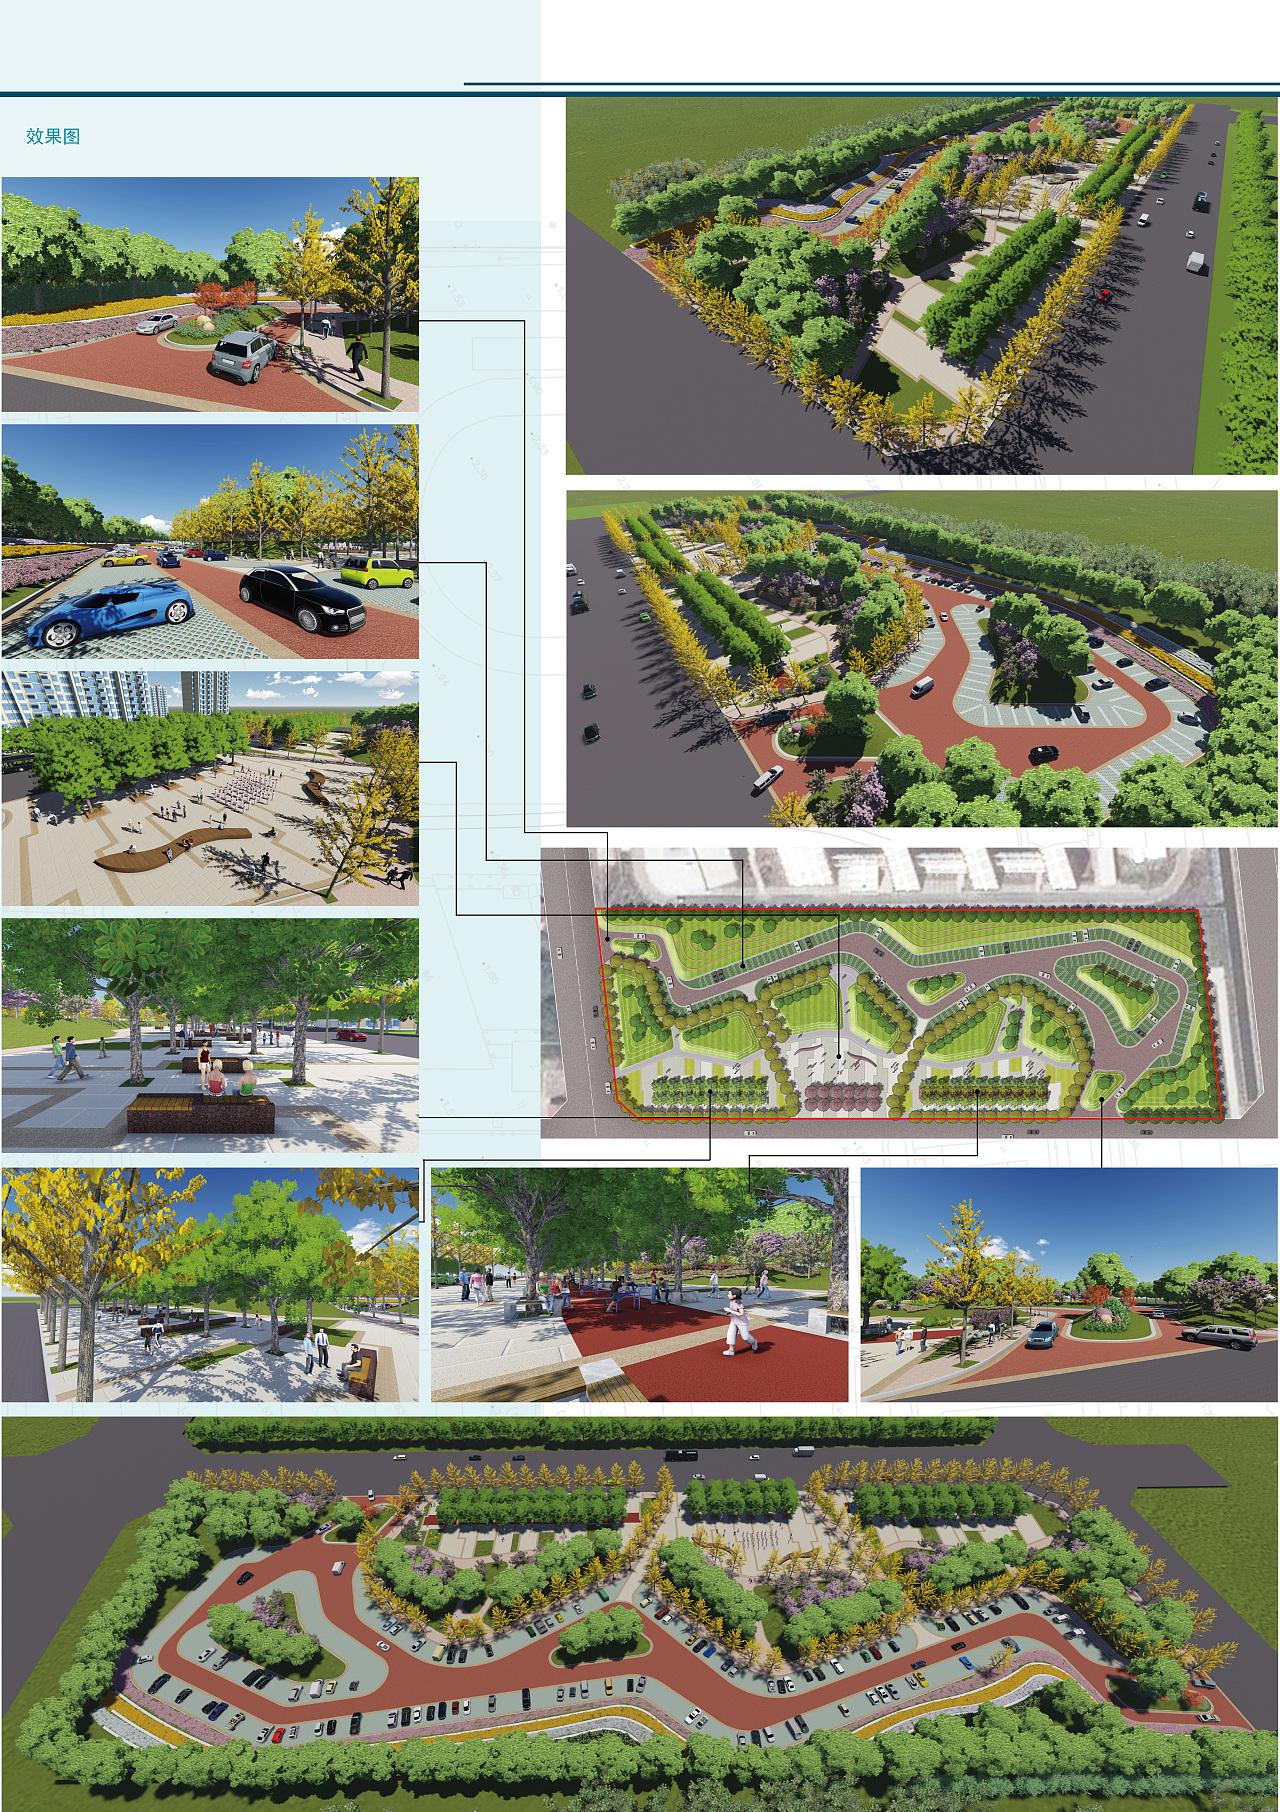 社区公园与生态停车场相结合|空间|景观设计|Wayneleo_Bo - 原创作品 - 站酷 (ZCOOL)